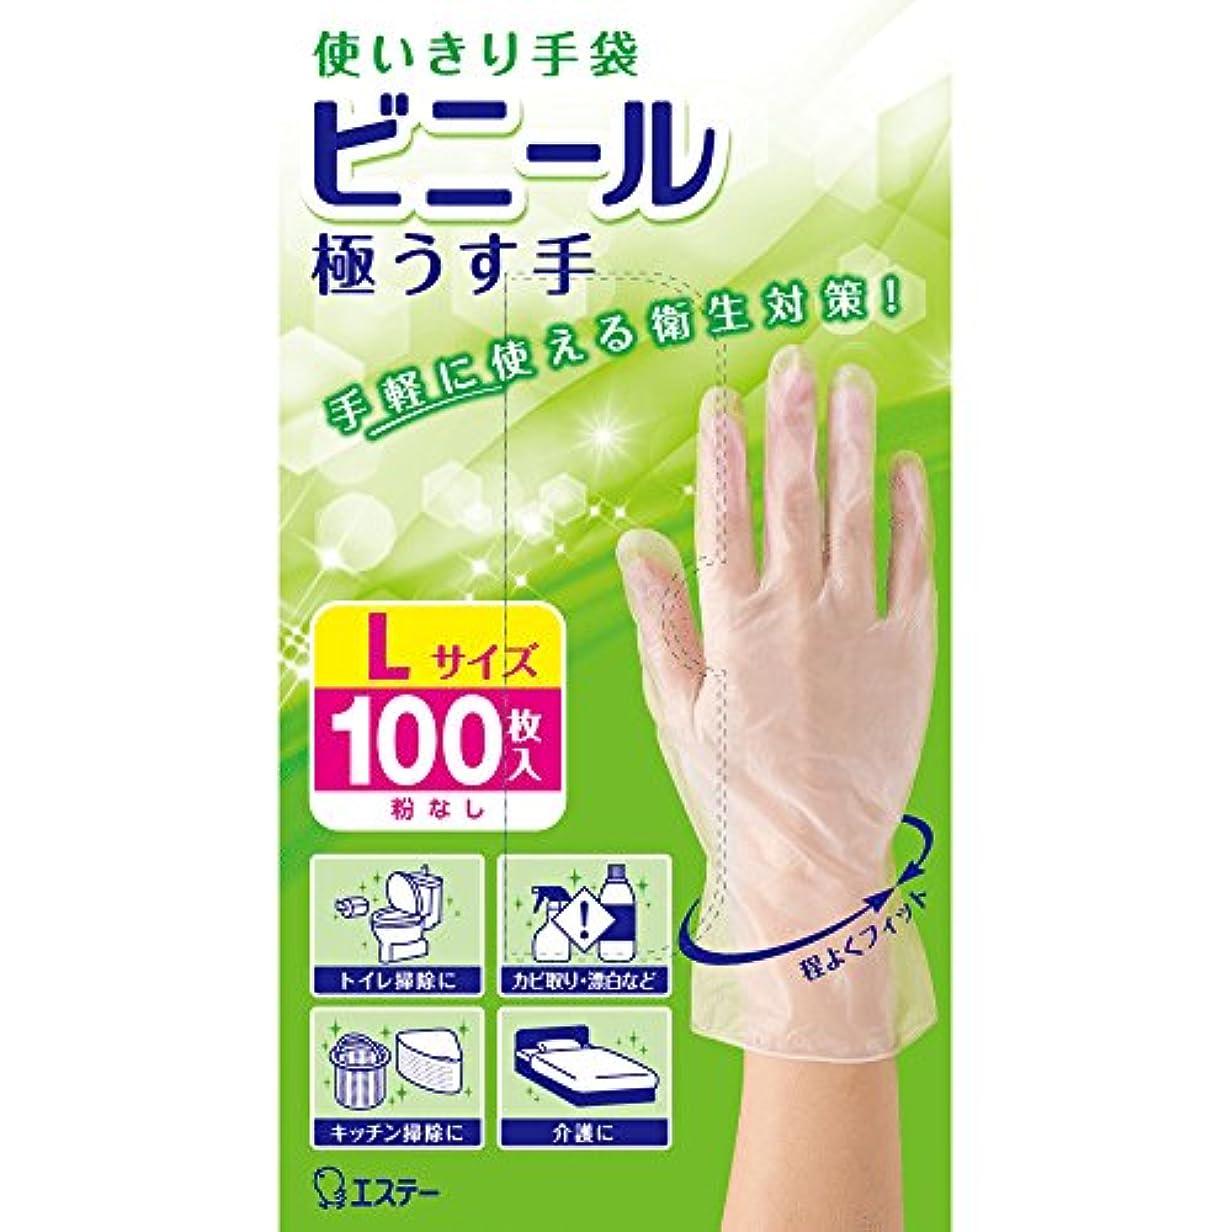 確認暫定名前使いきり手袋 ビニール 極うす手 炊事?掃除用 Lサイズ 半透明 100枚